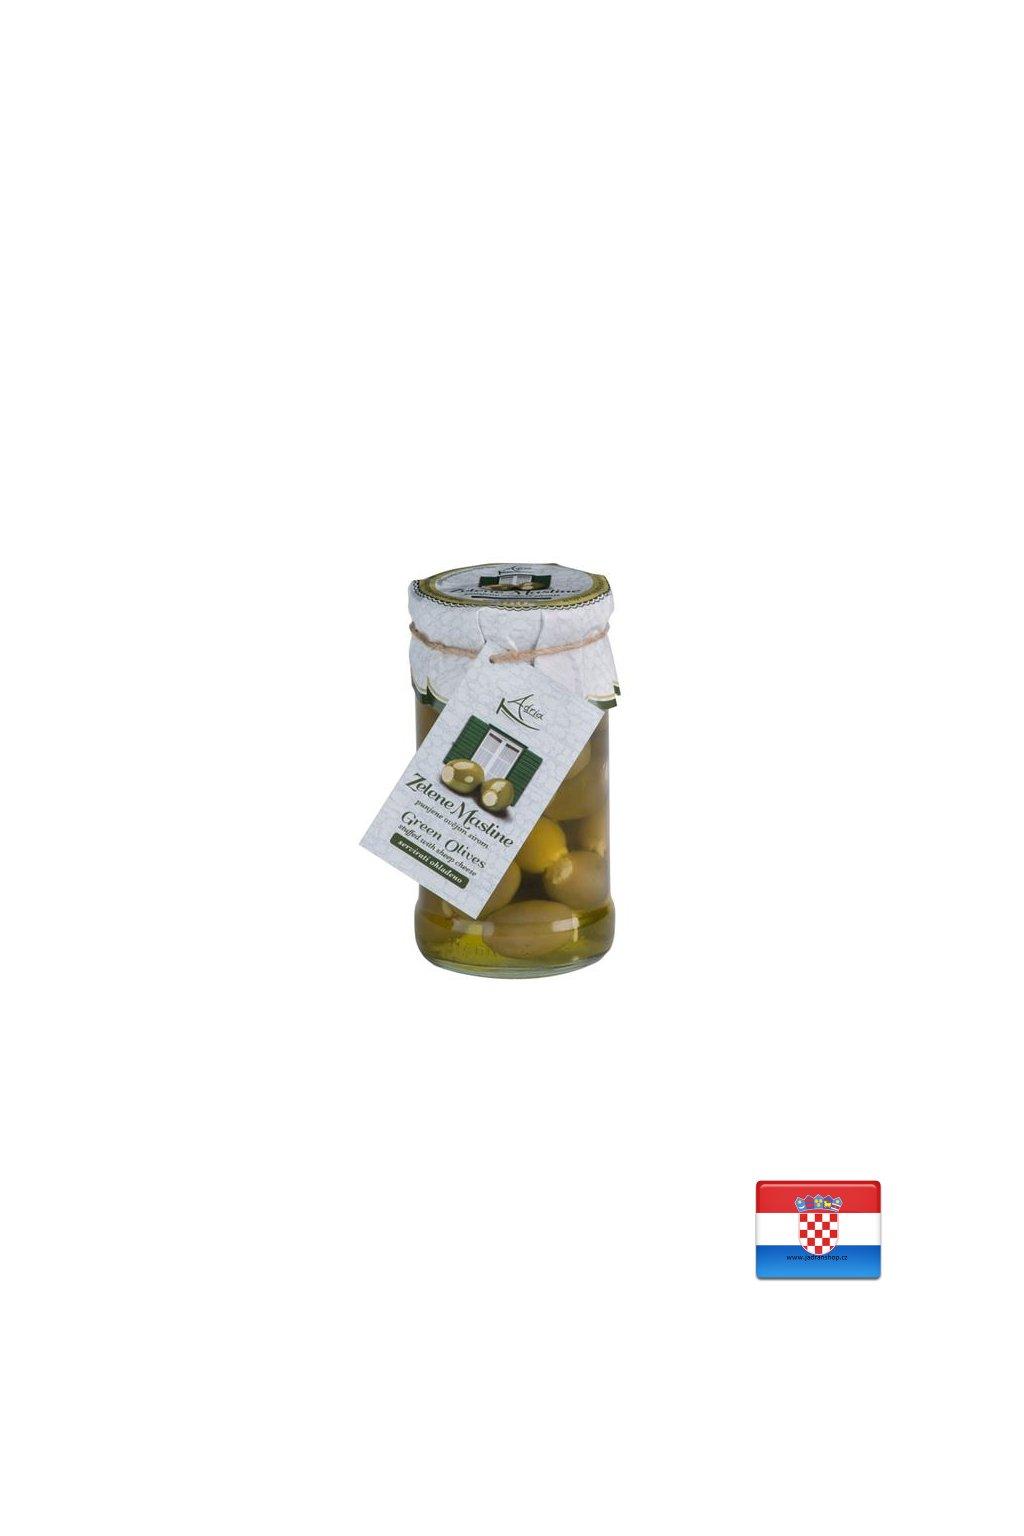 Oliwki nadziewane serem owczym 280g